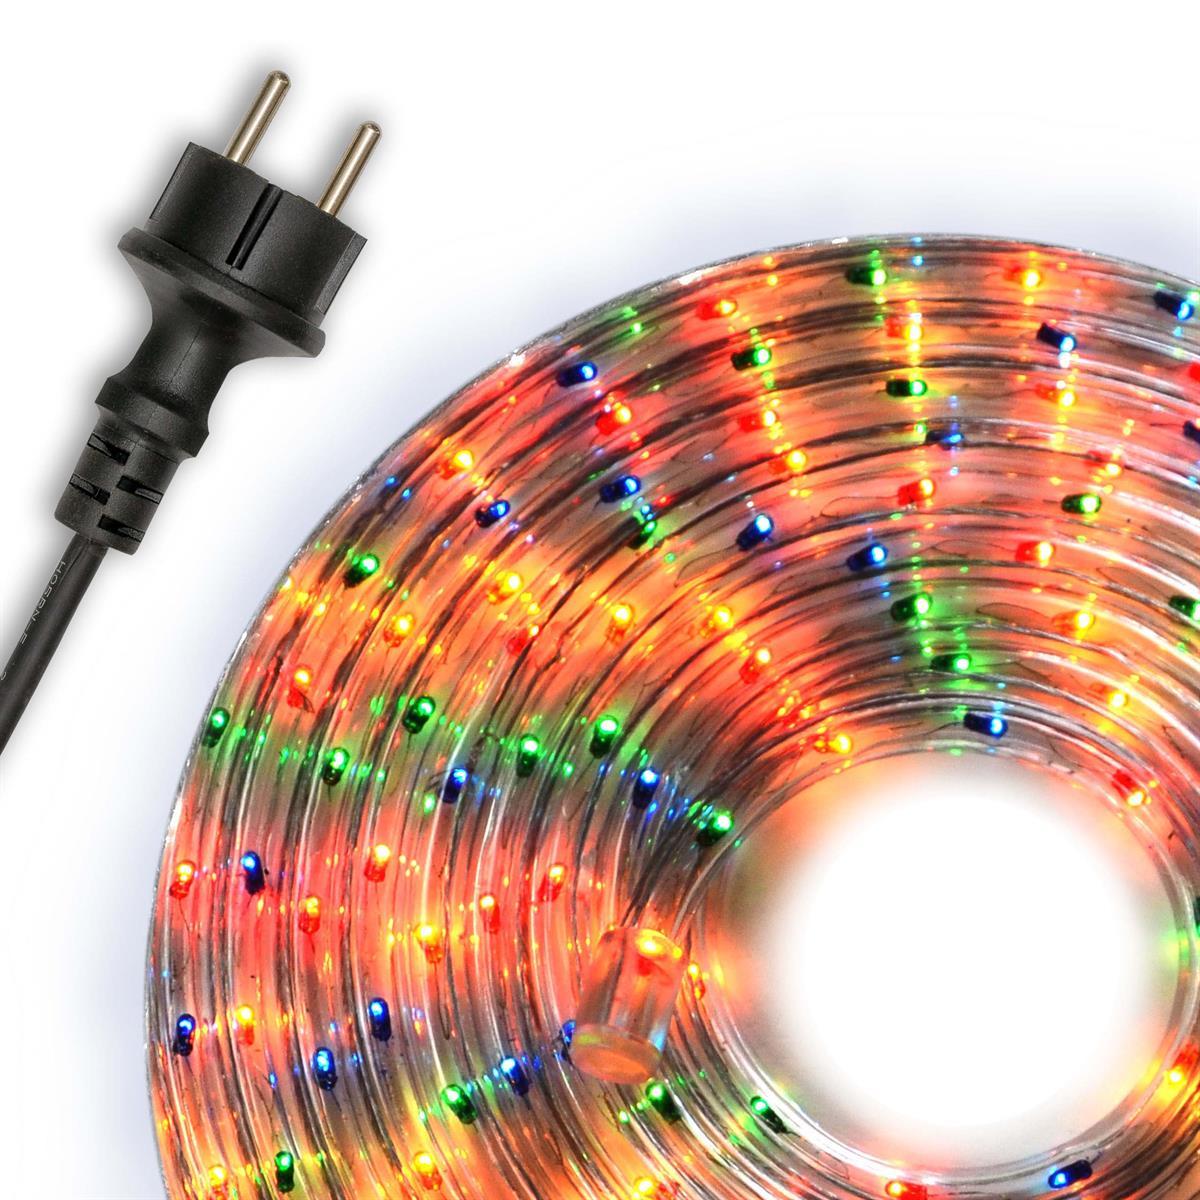 Lichtschlauch Lichterschlauch bunt 20m Lichterkette Party Deko Partybeleuchtung